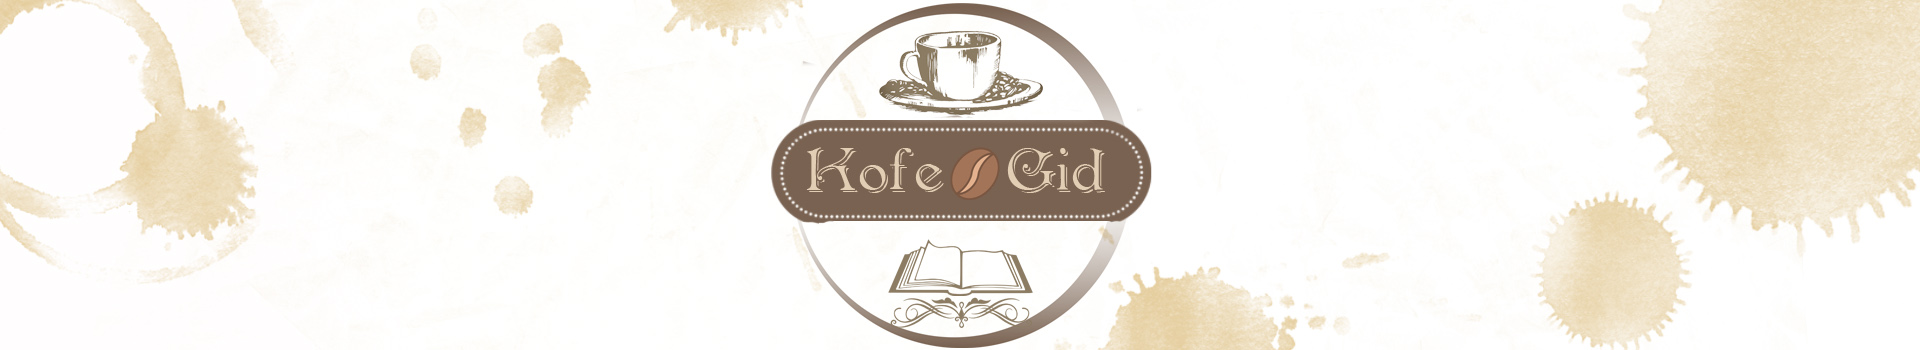 kofegid.info